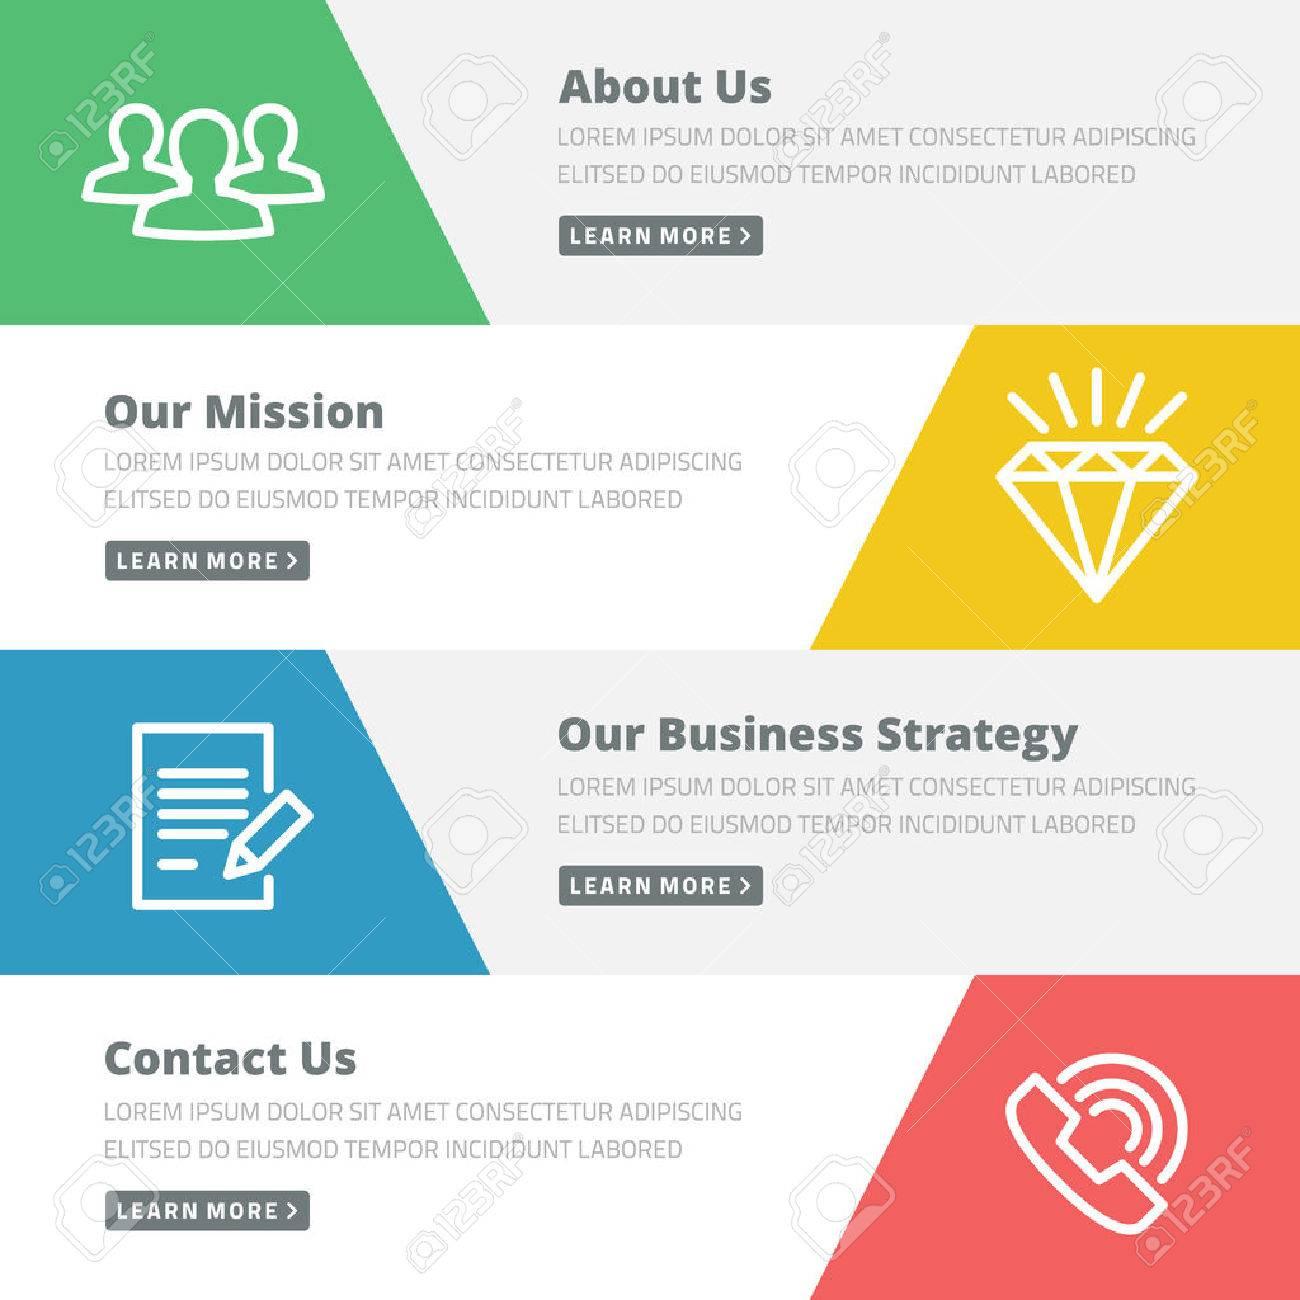 Flache Design-Konzept Für Website-Templates - über Uns, Unsere ...